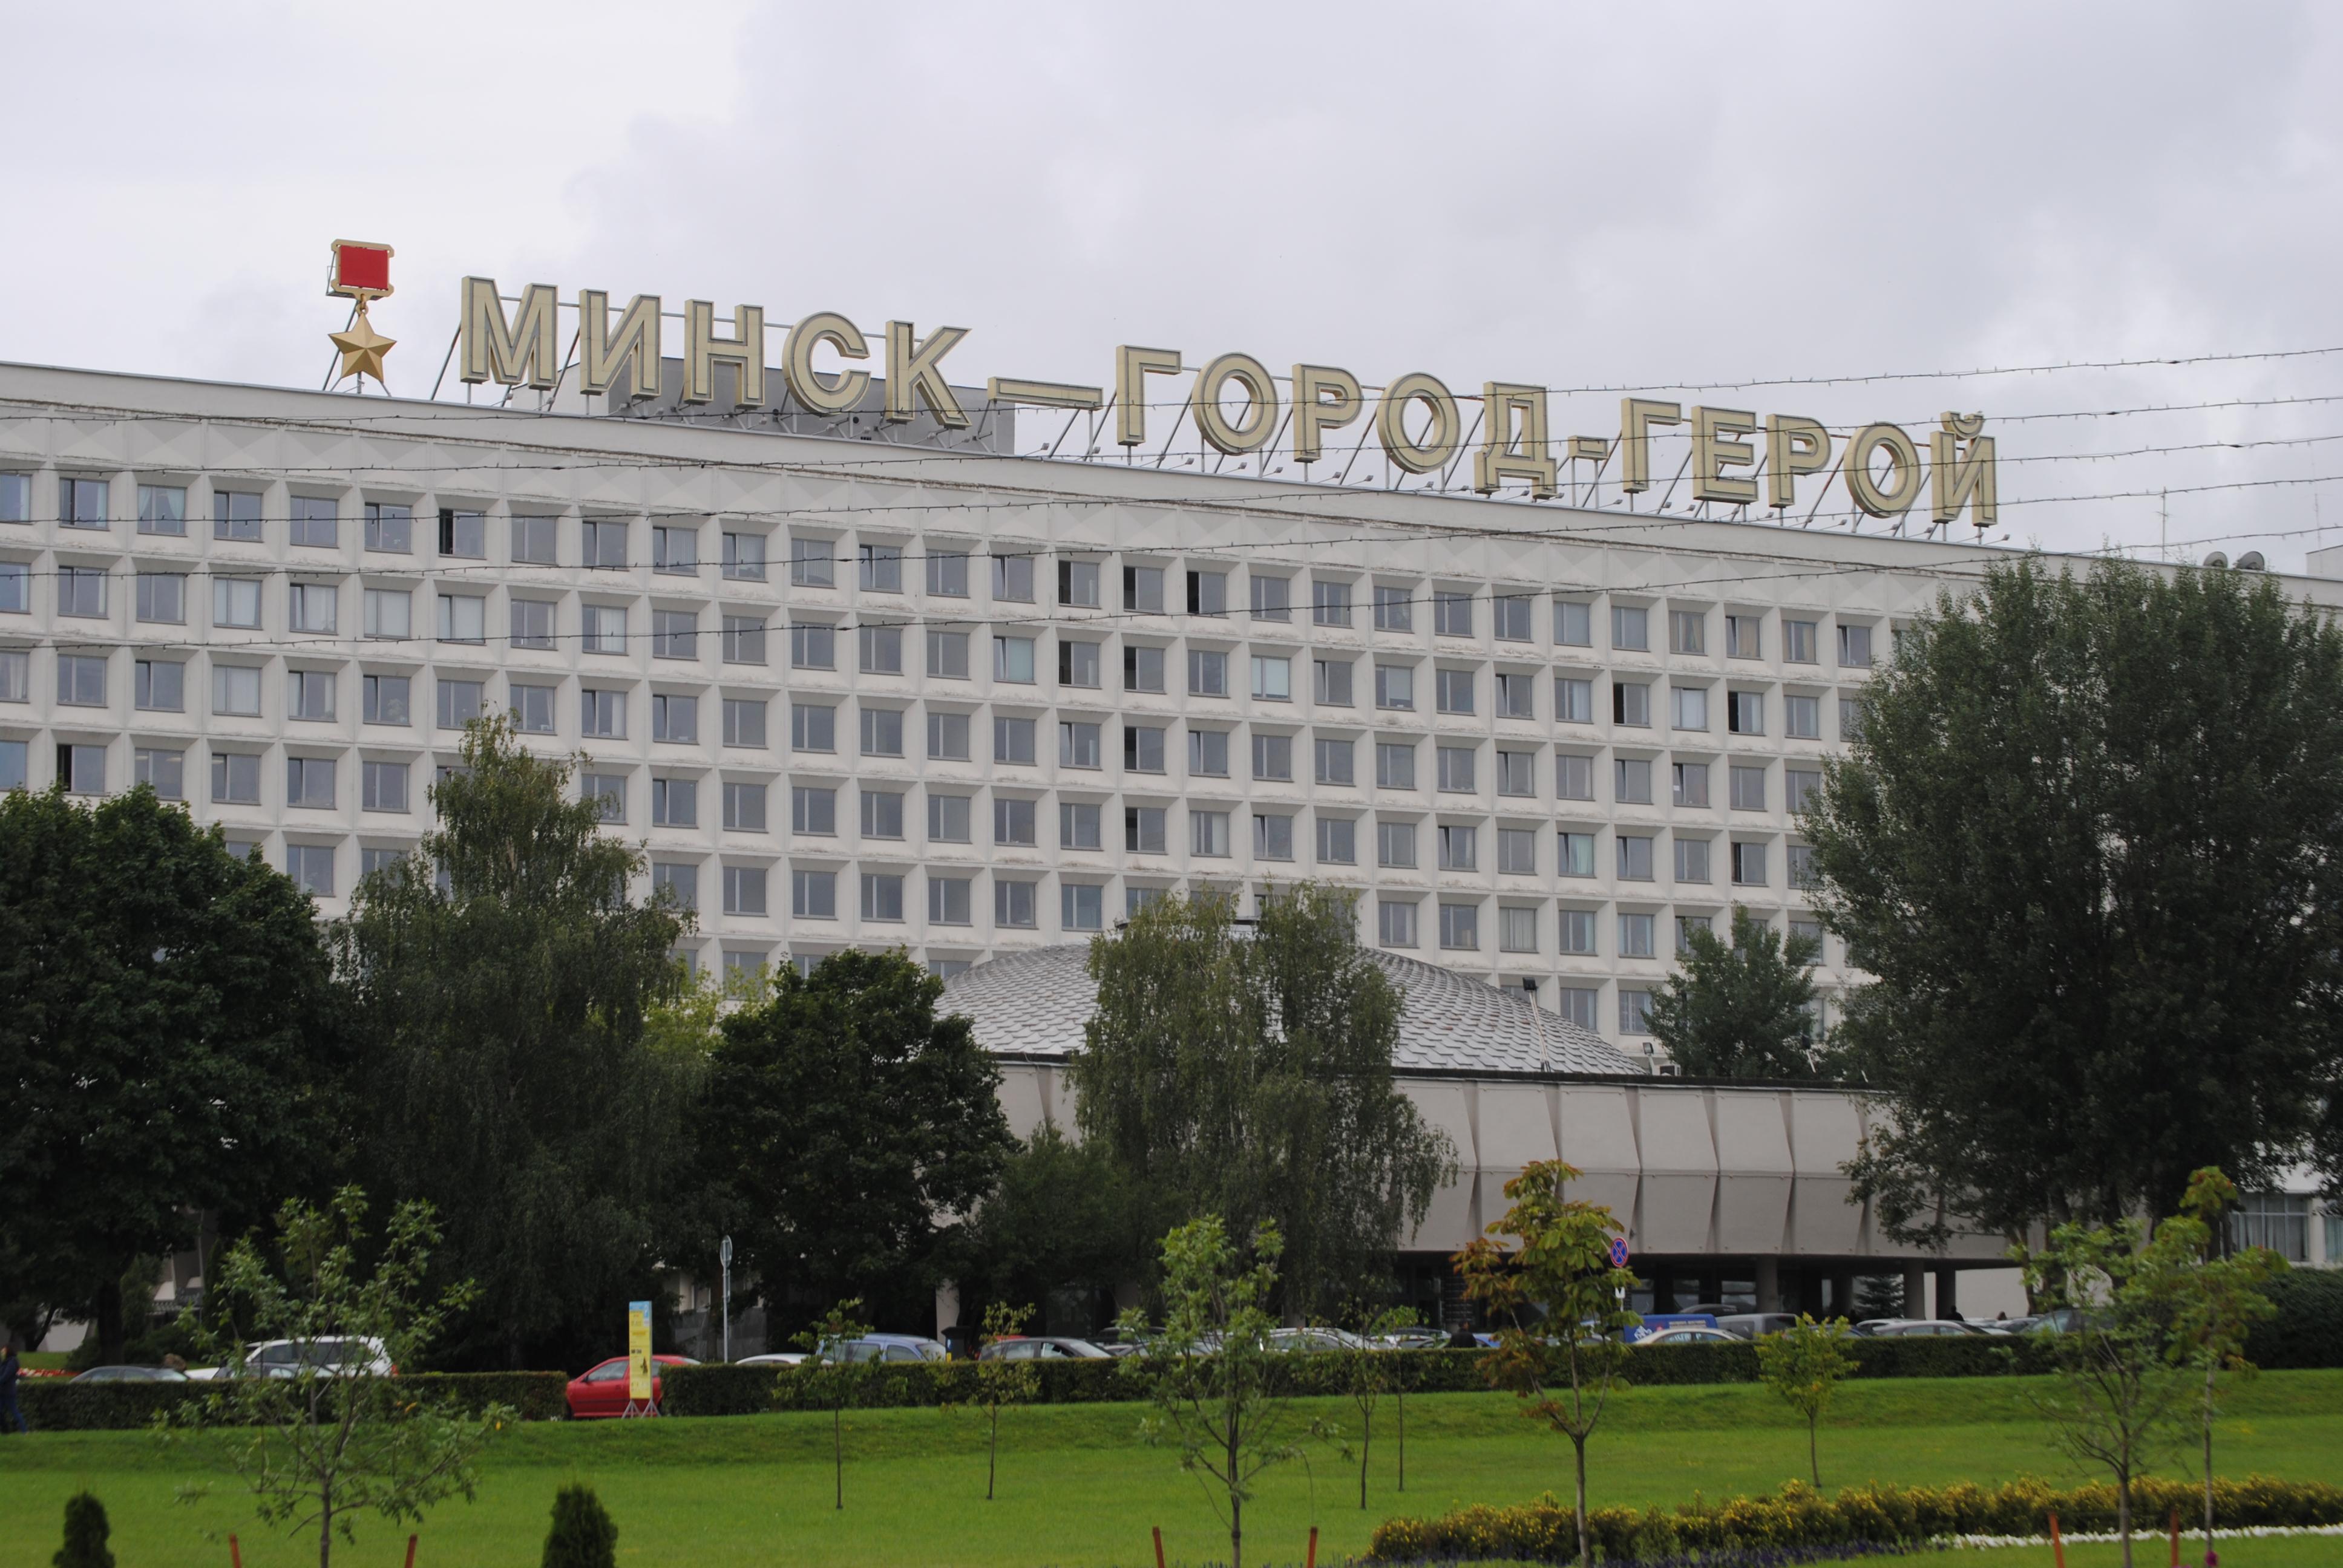 Edificio en el que se puede leer la inscripción ''Minsk ciudad heroica''